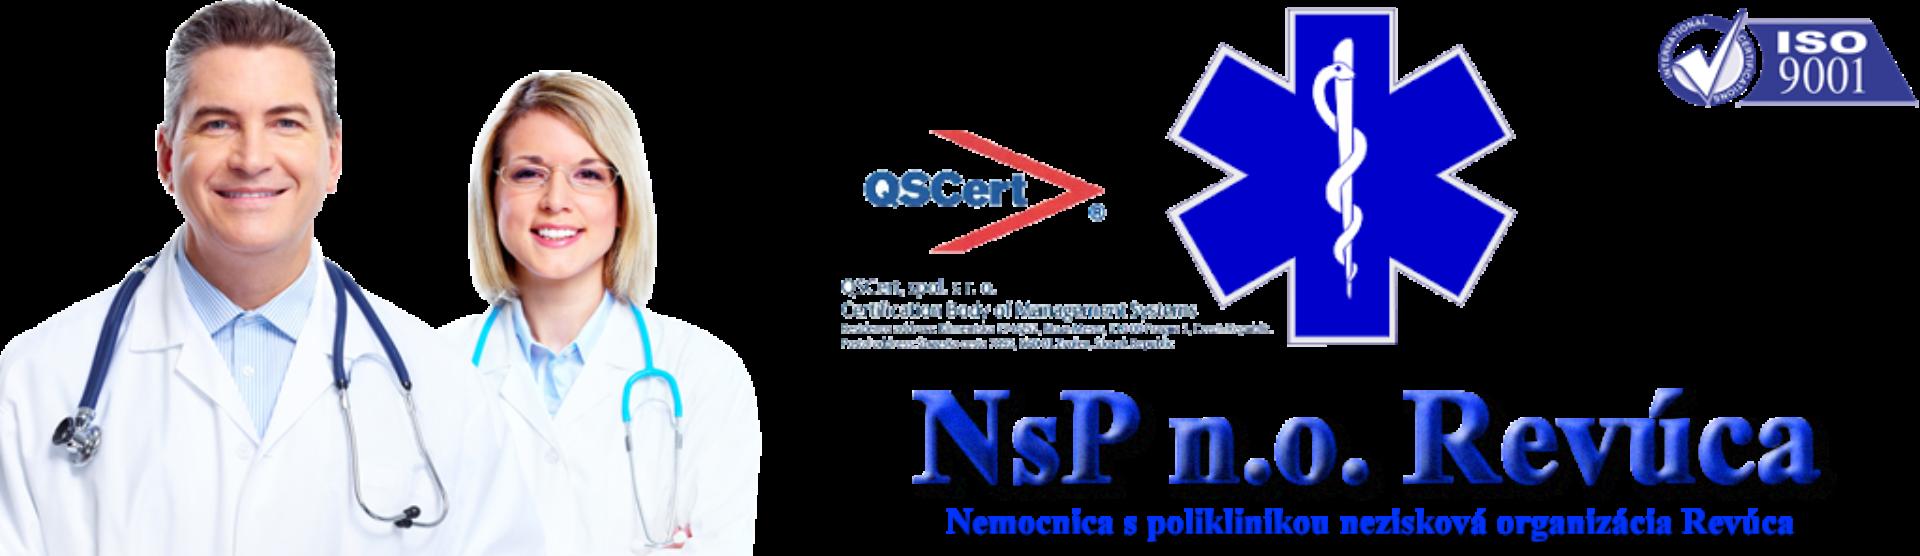 NsP n.o. Revúca